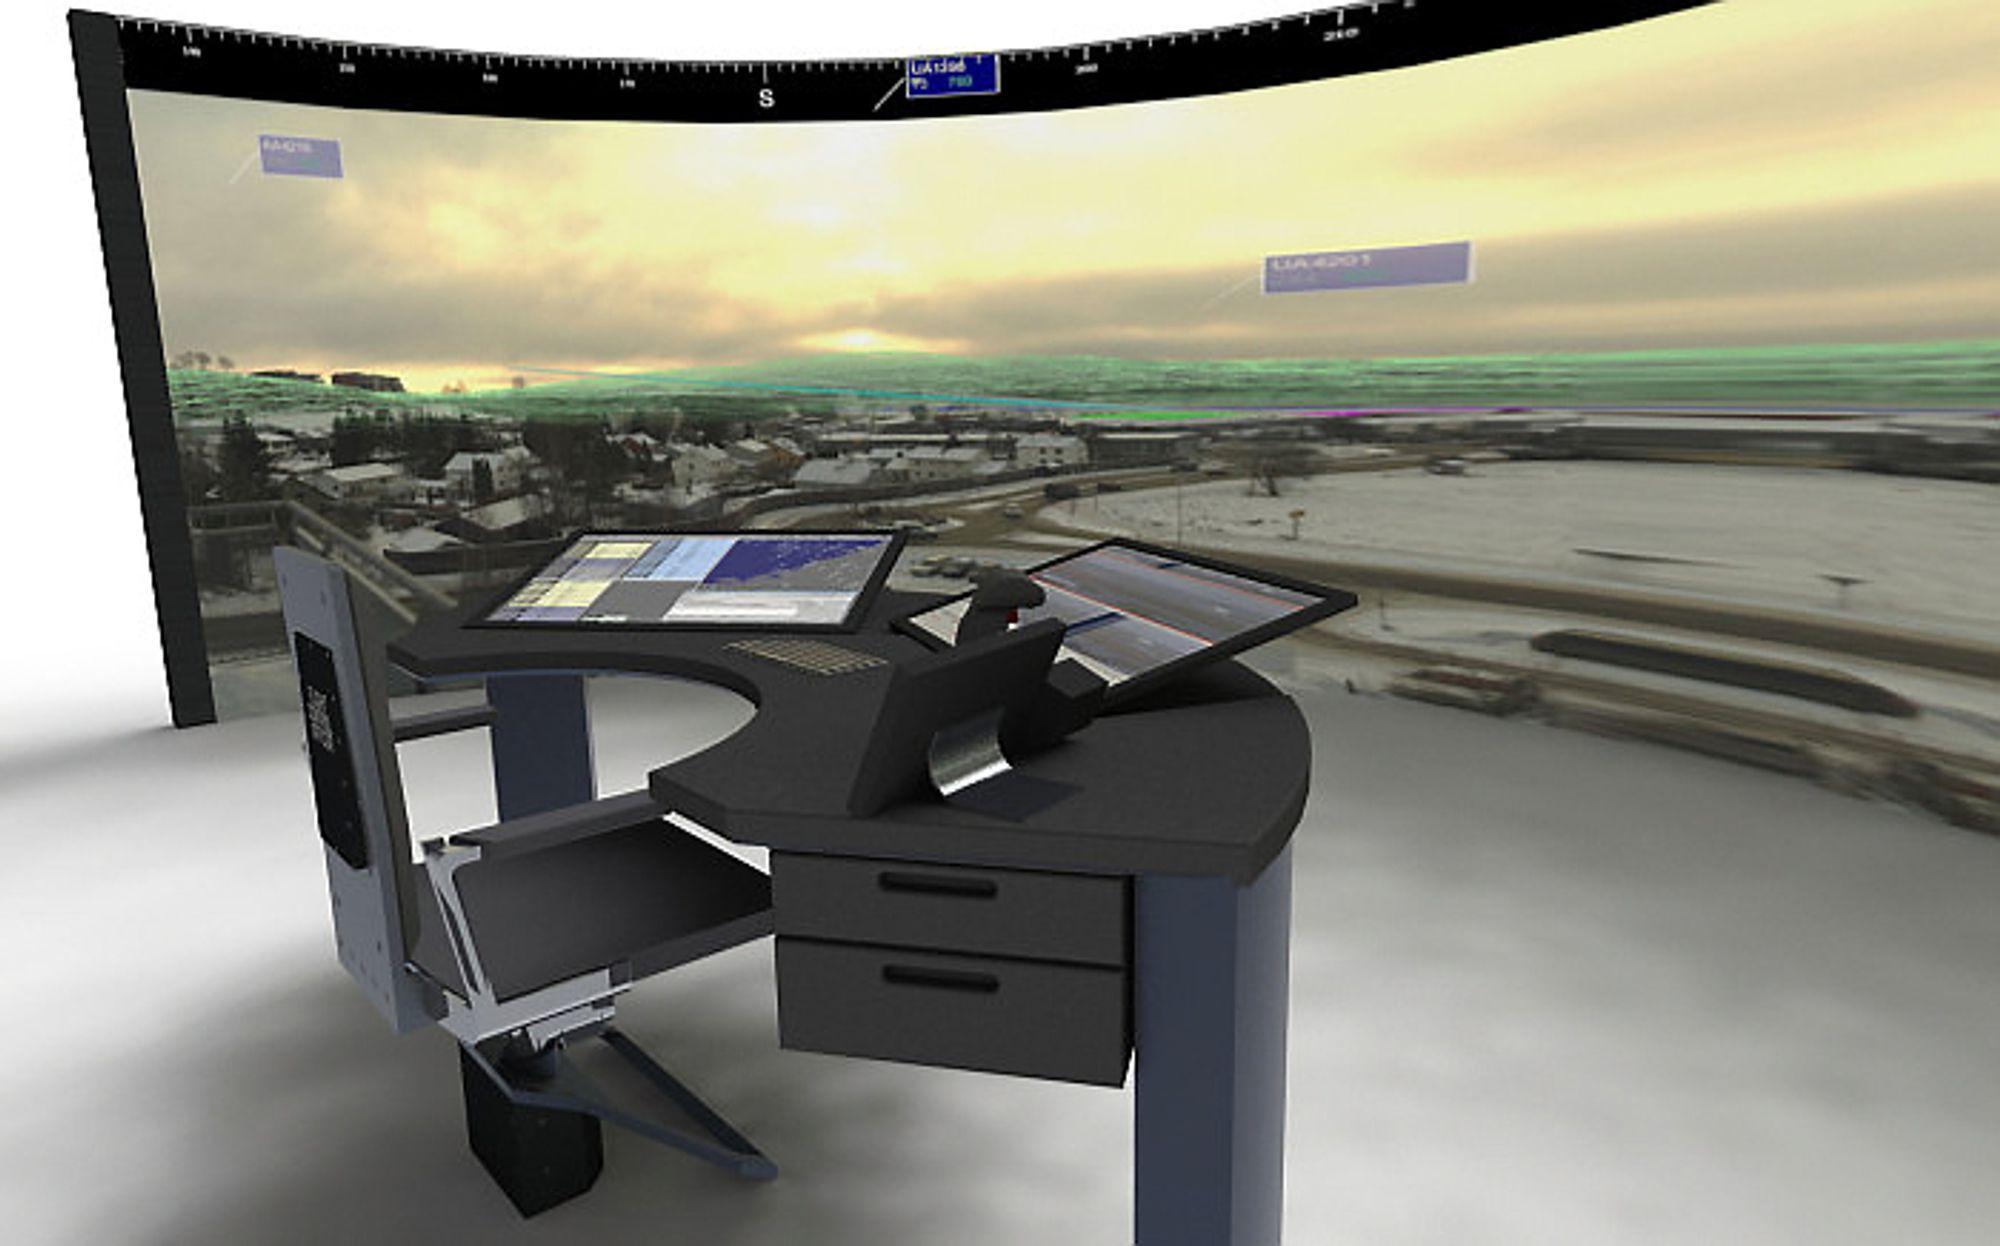 Kongsberg og Indra Navia skal i første omgang forsyne Avinor med systemer for fjernstyring av tårntjenesten på 15 flyplasser.